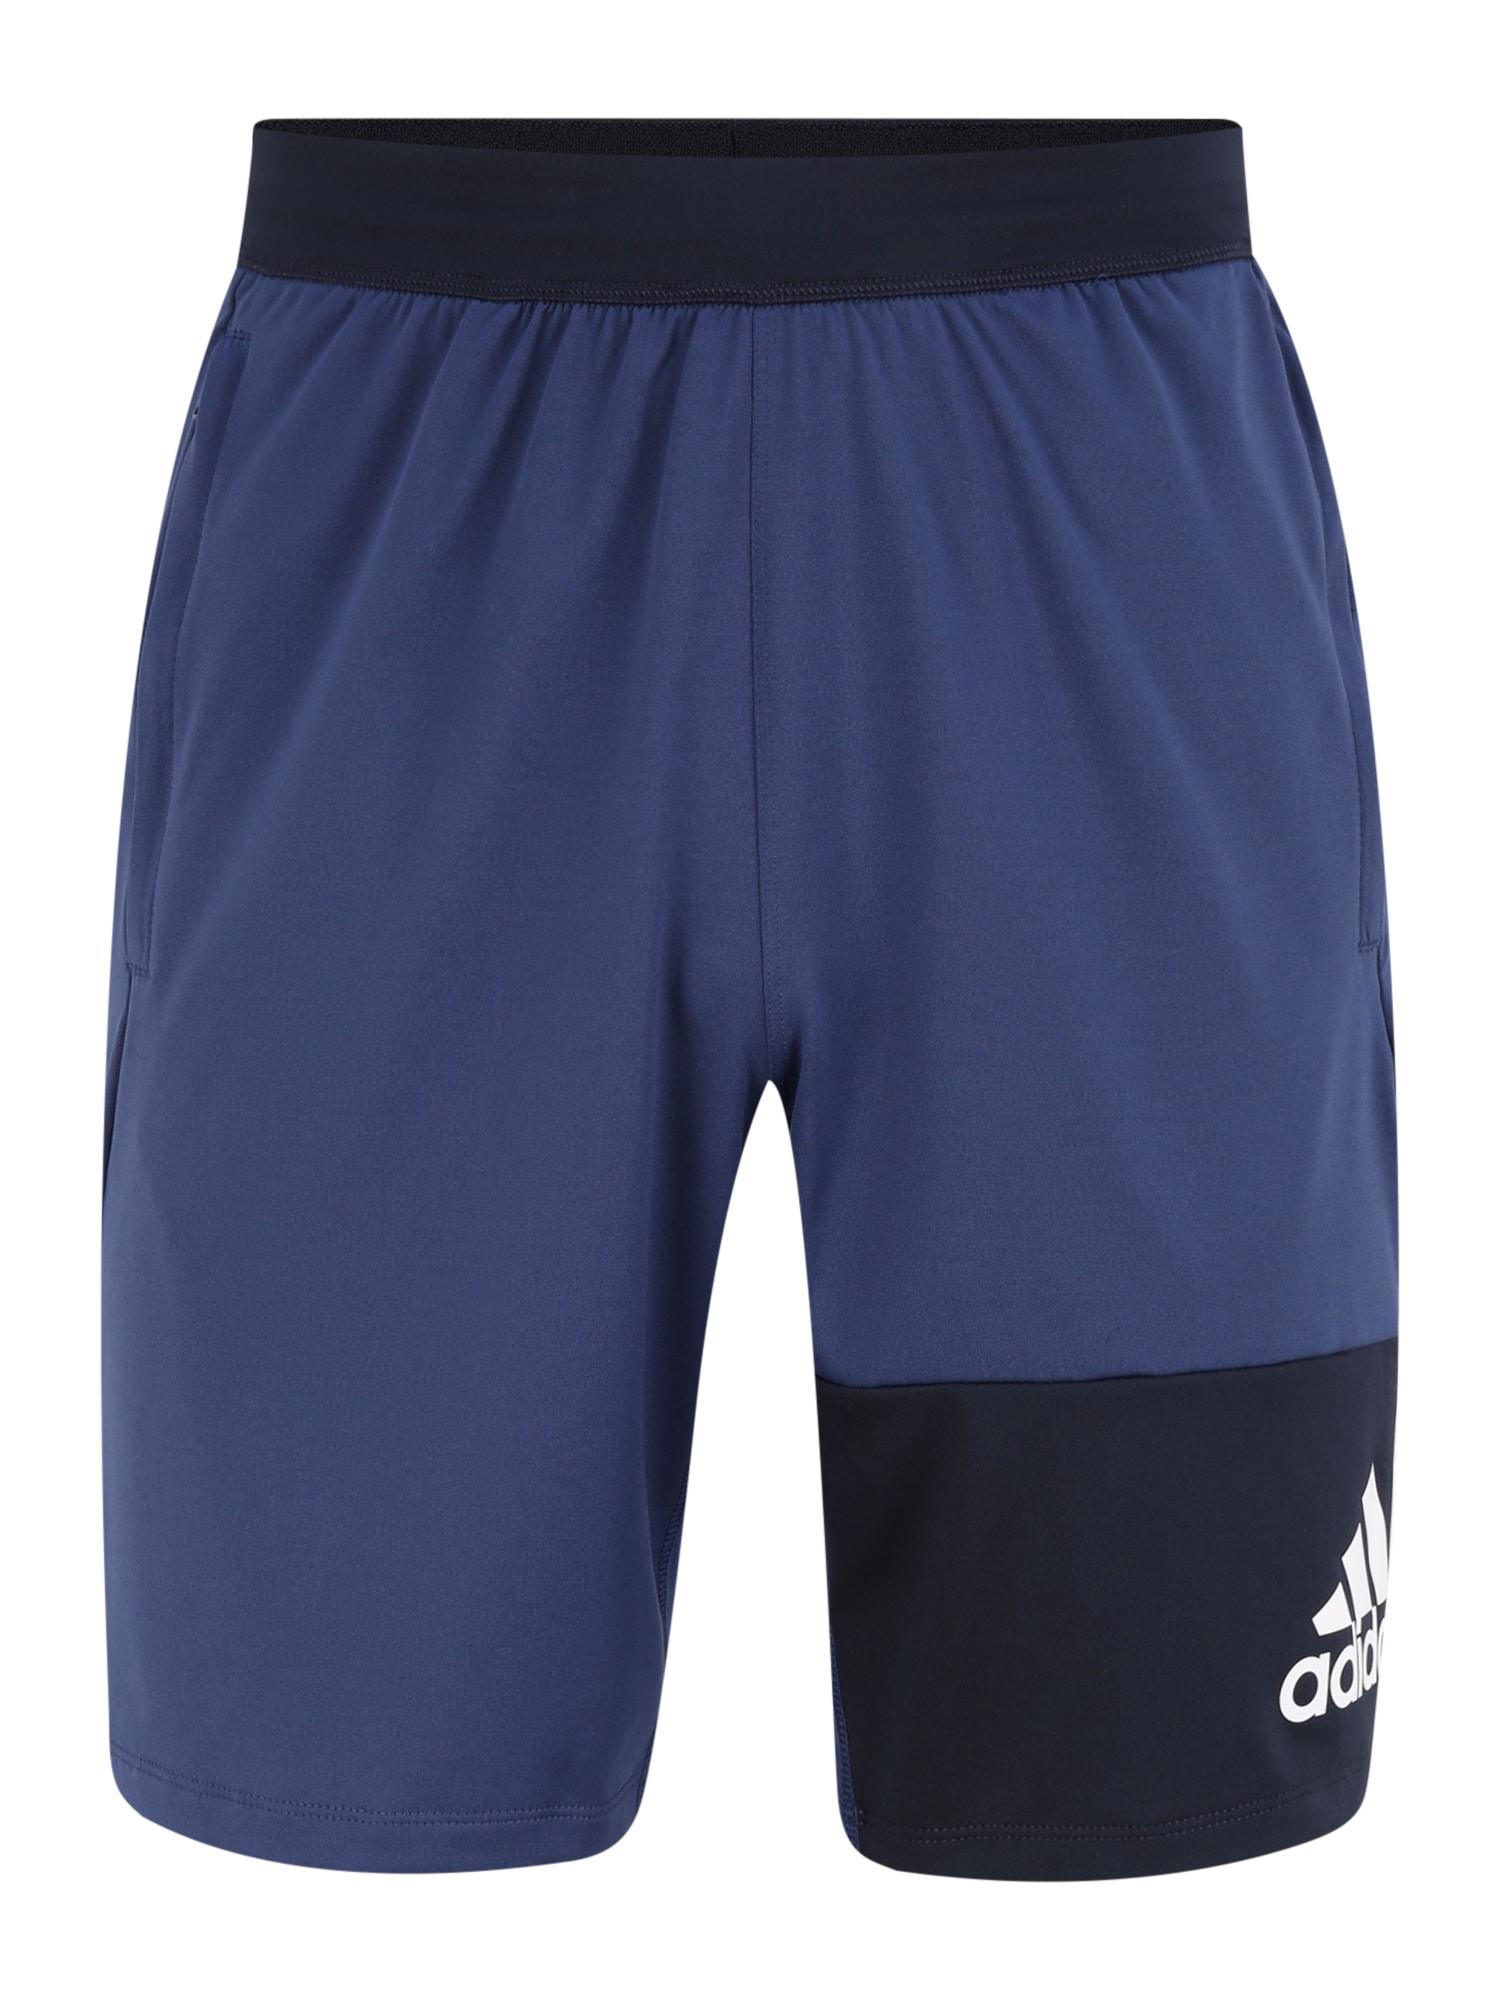 ADIDAS PERFORMANCE Sportinės kelnės '4K GEO SHORTS' juoda / mėlyna